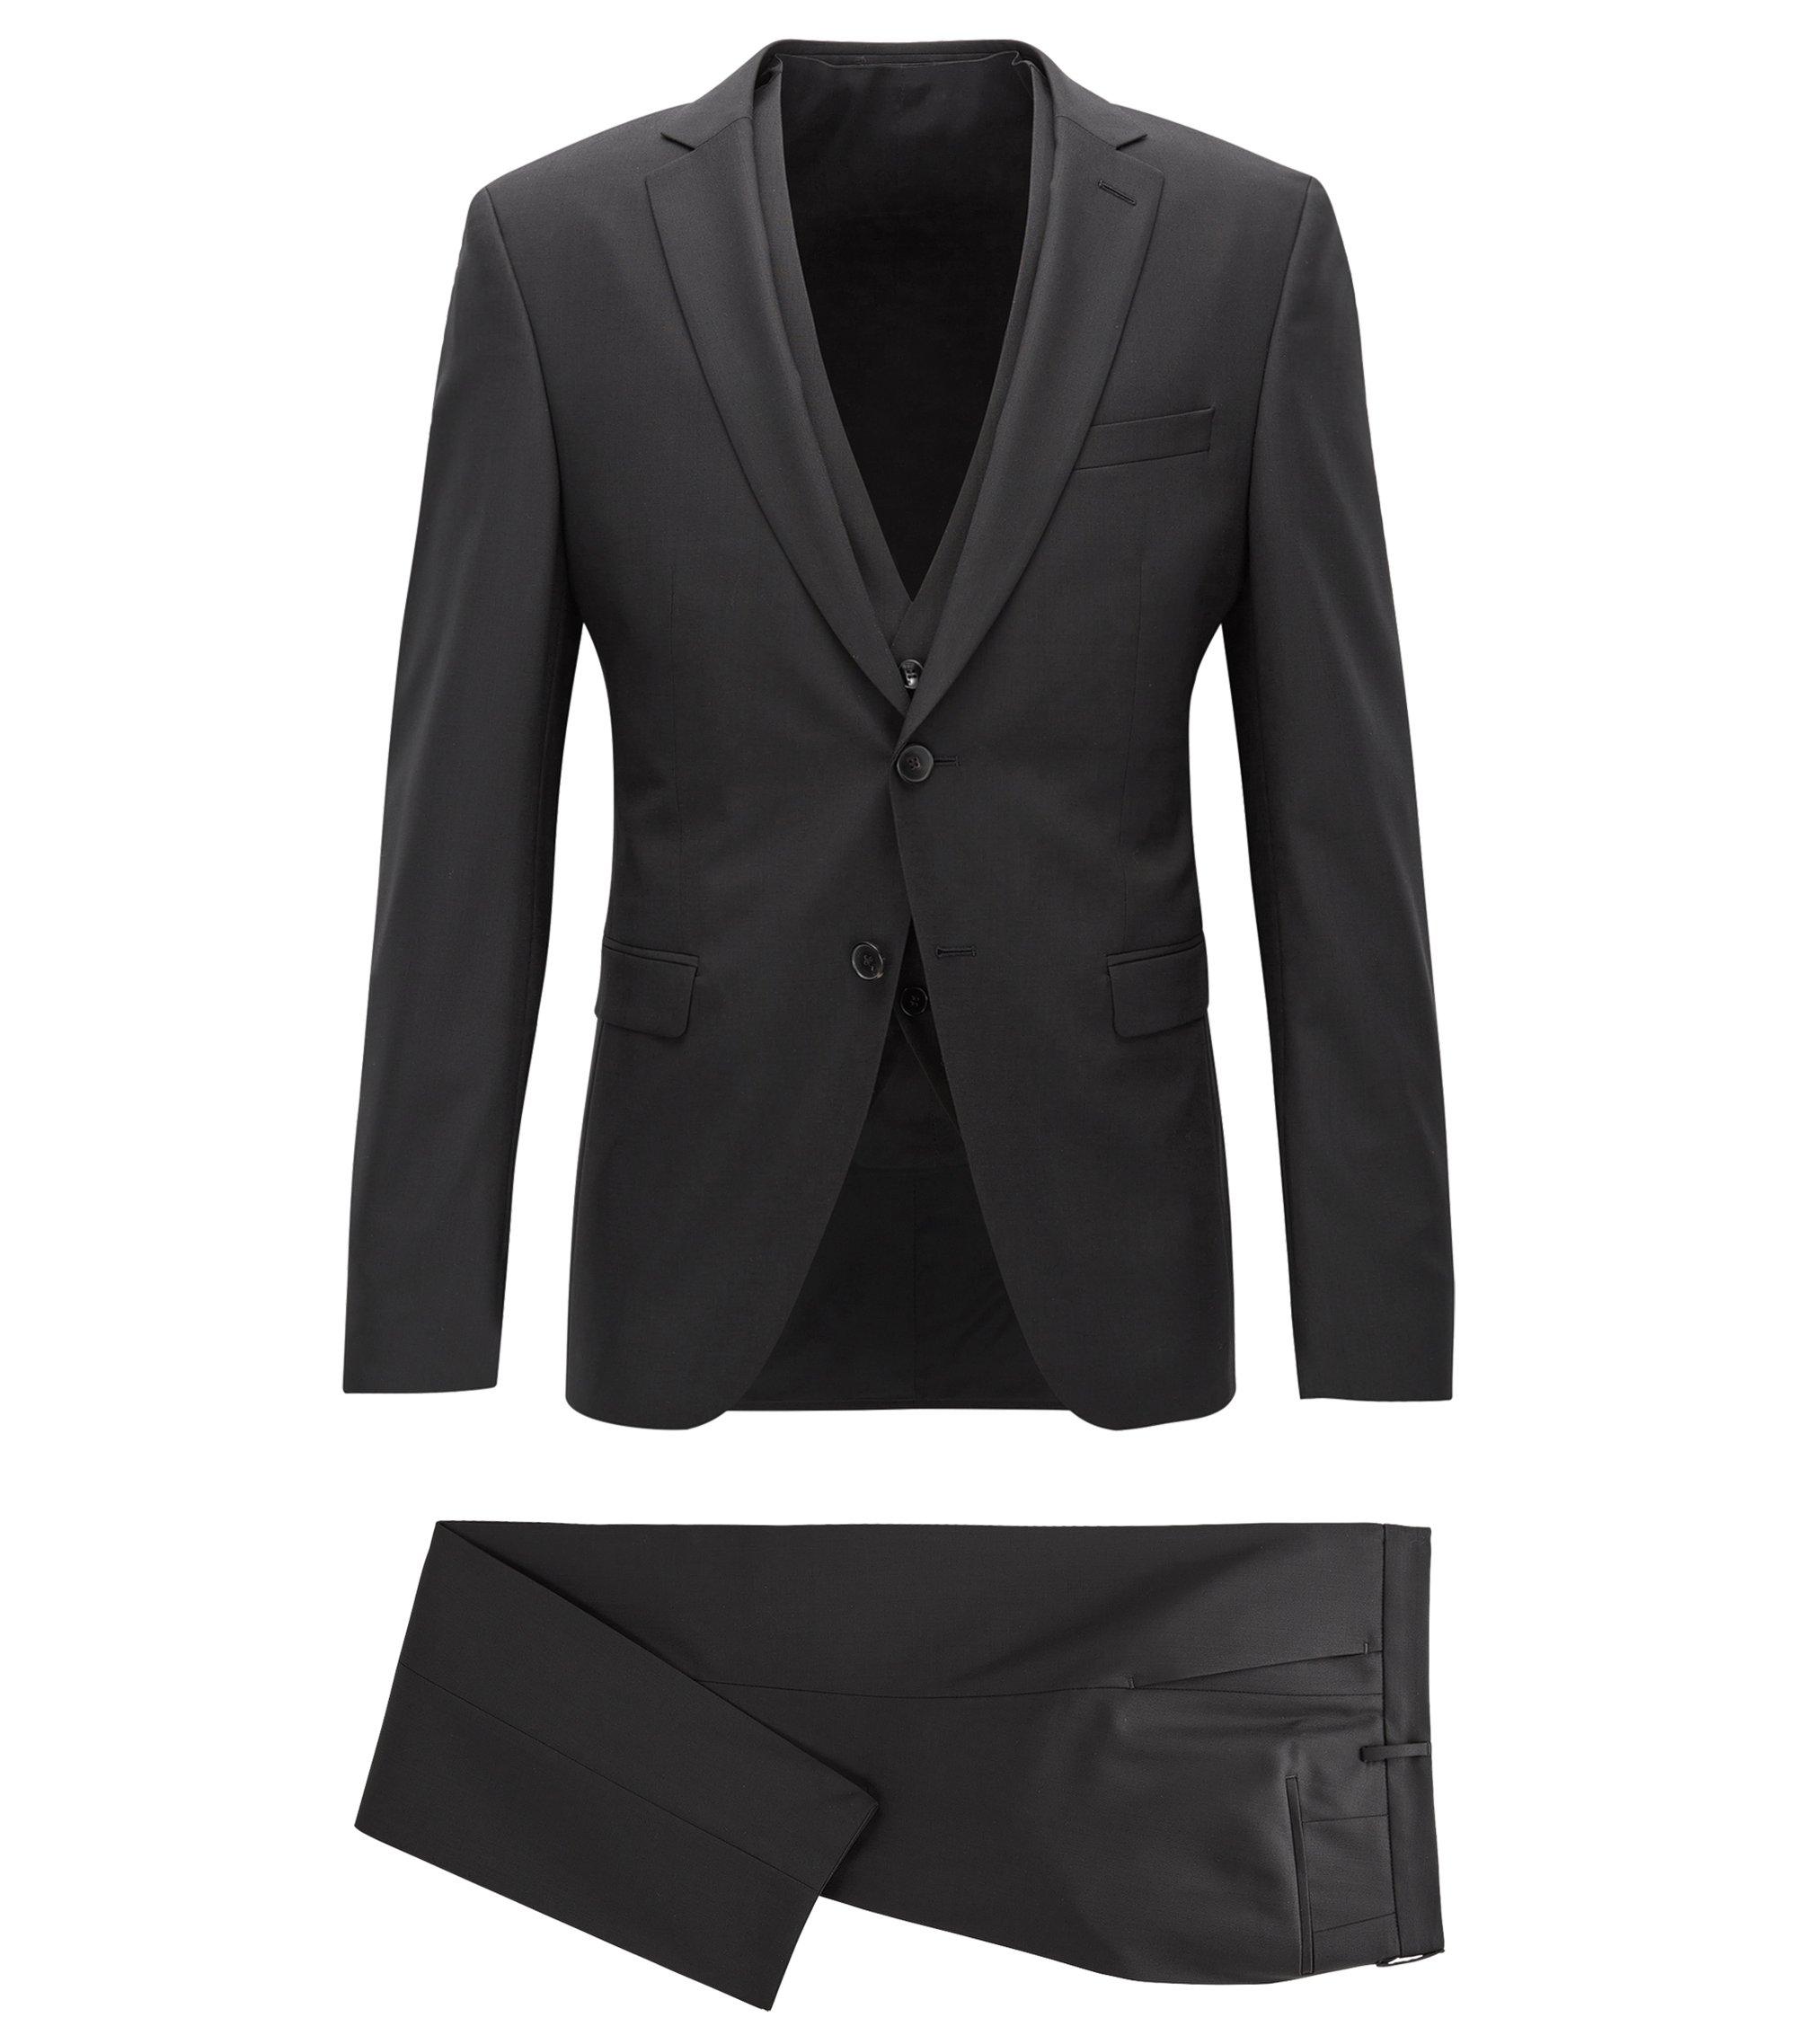 Virgin Wool 3-Piece Suit, Extra Slim Fit | Reymond/Wenton WE, Black